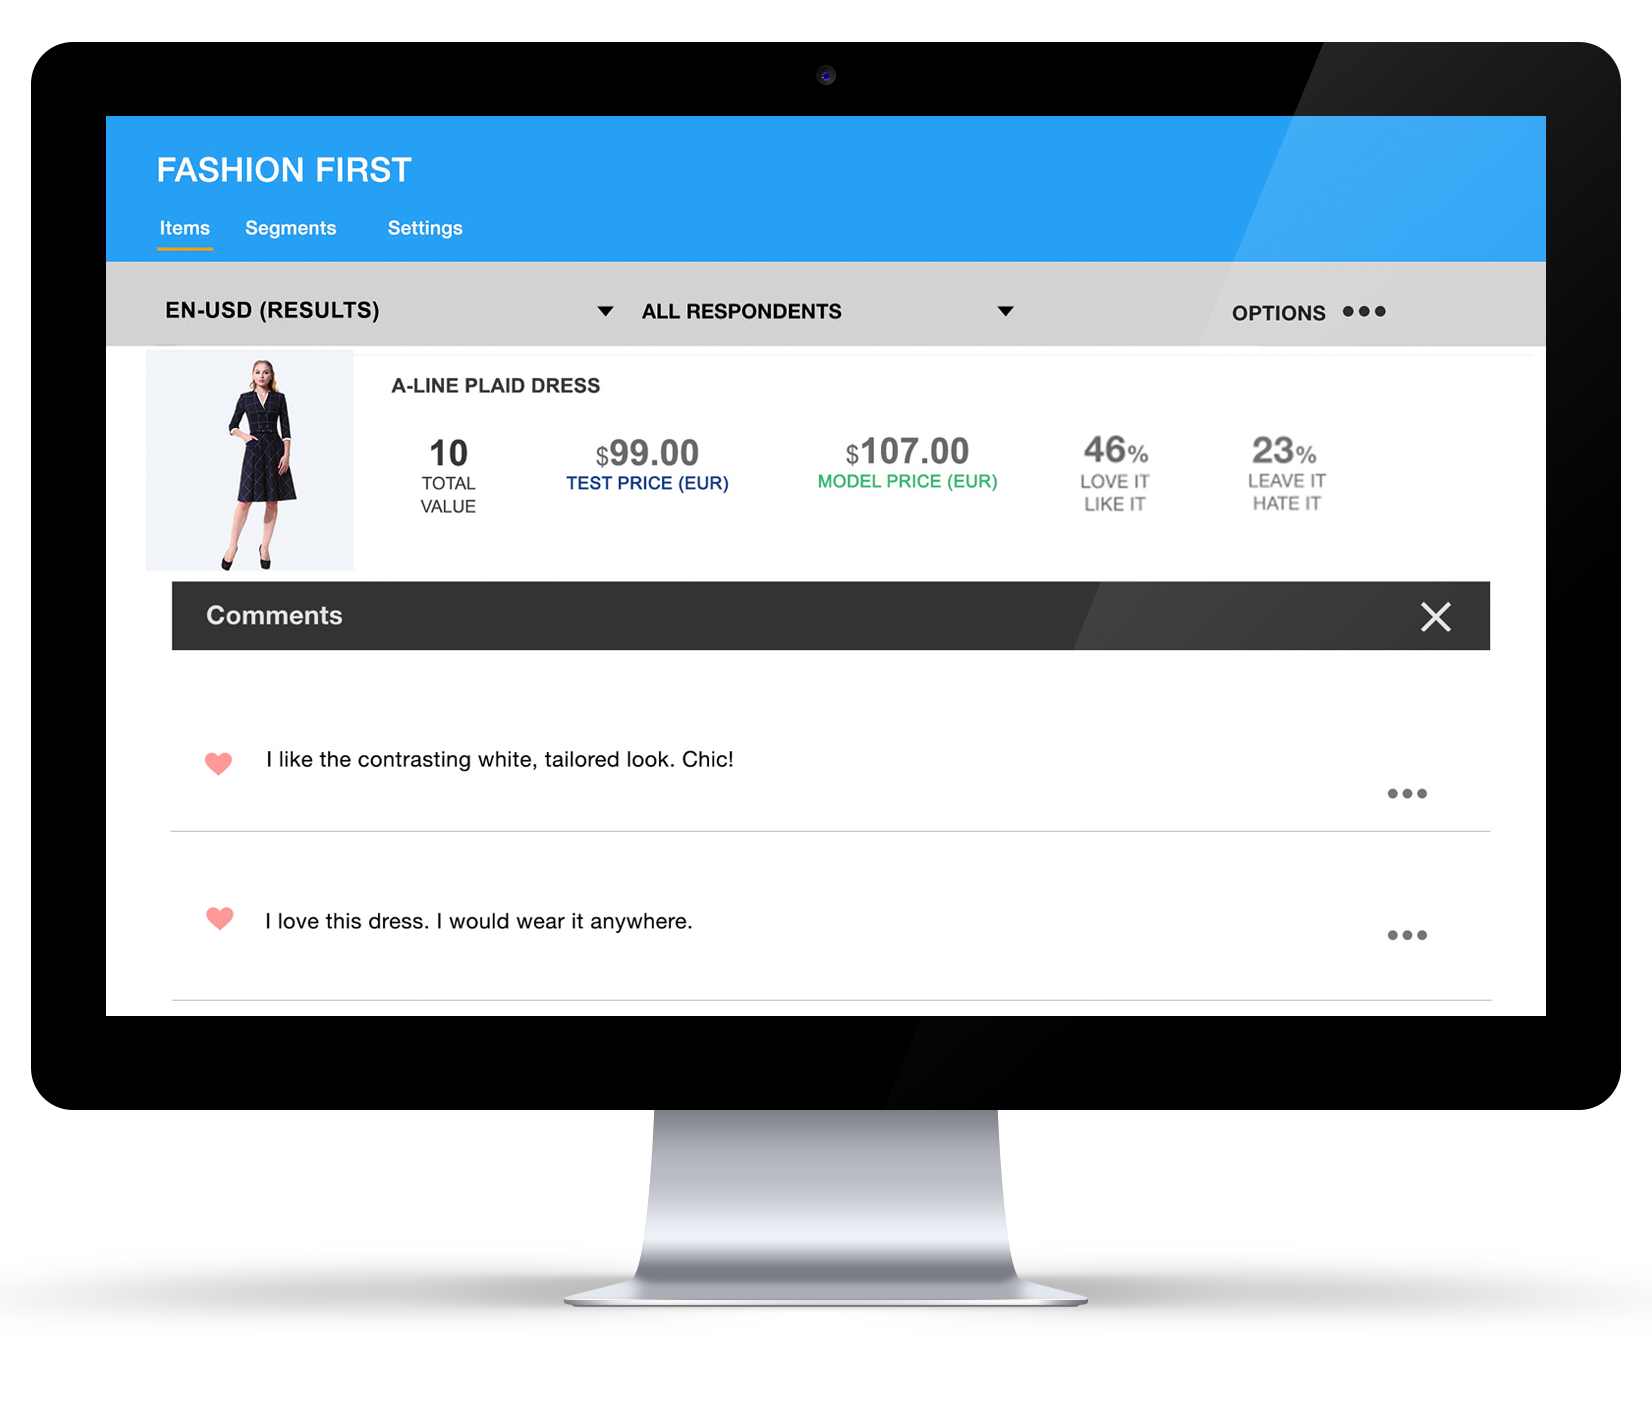 Consumer feedback screen